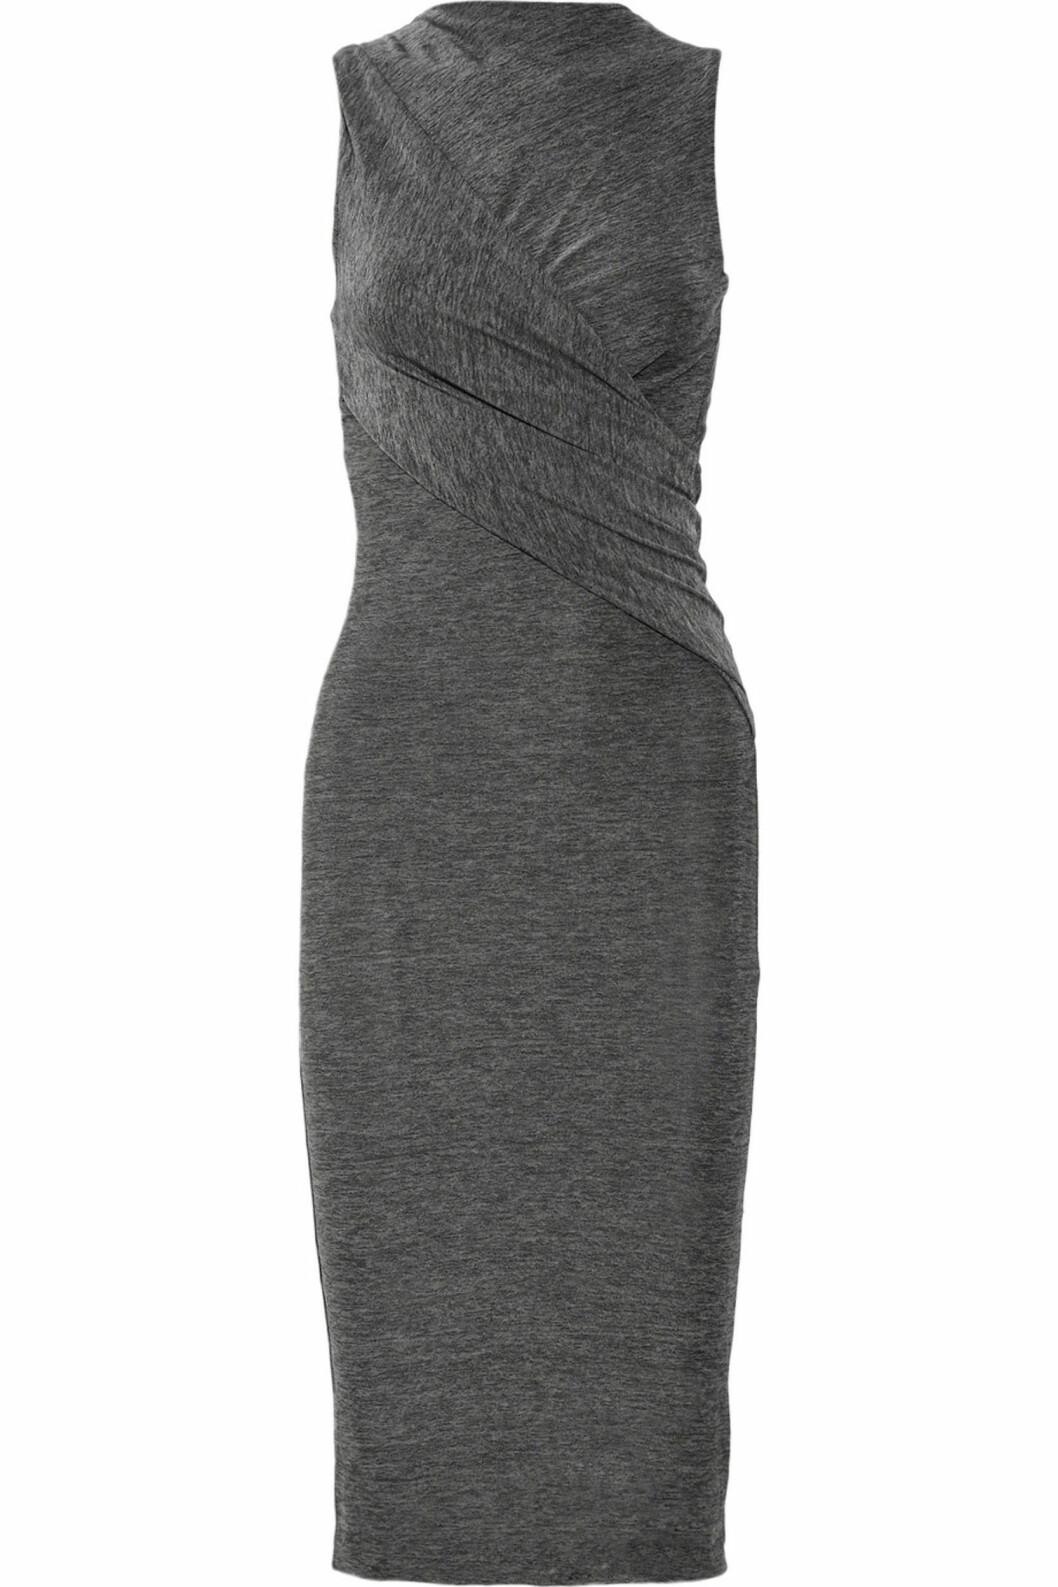 Grå ettersittende kjole med flatterende draperinger fra T by Alexander Wang (ca kr 950/netaporter.com). Foto: Produsent